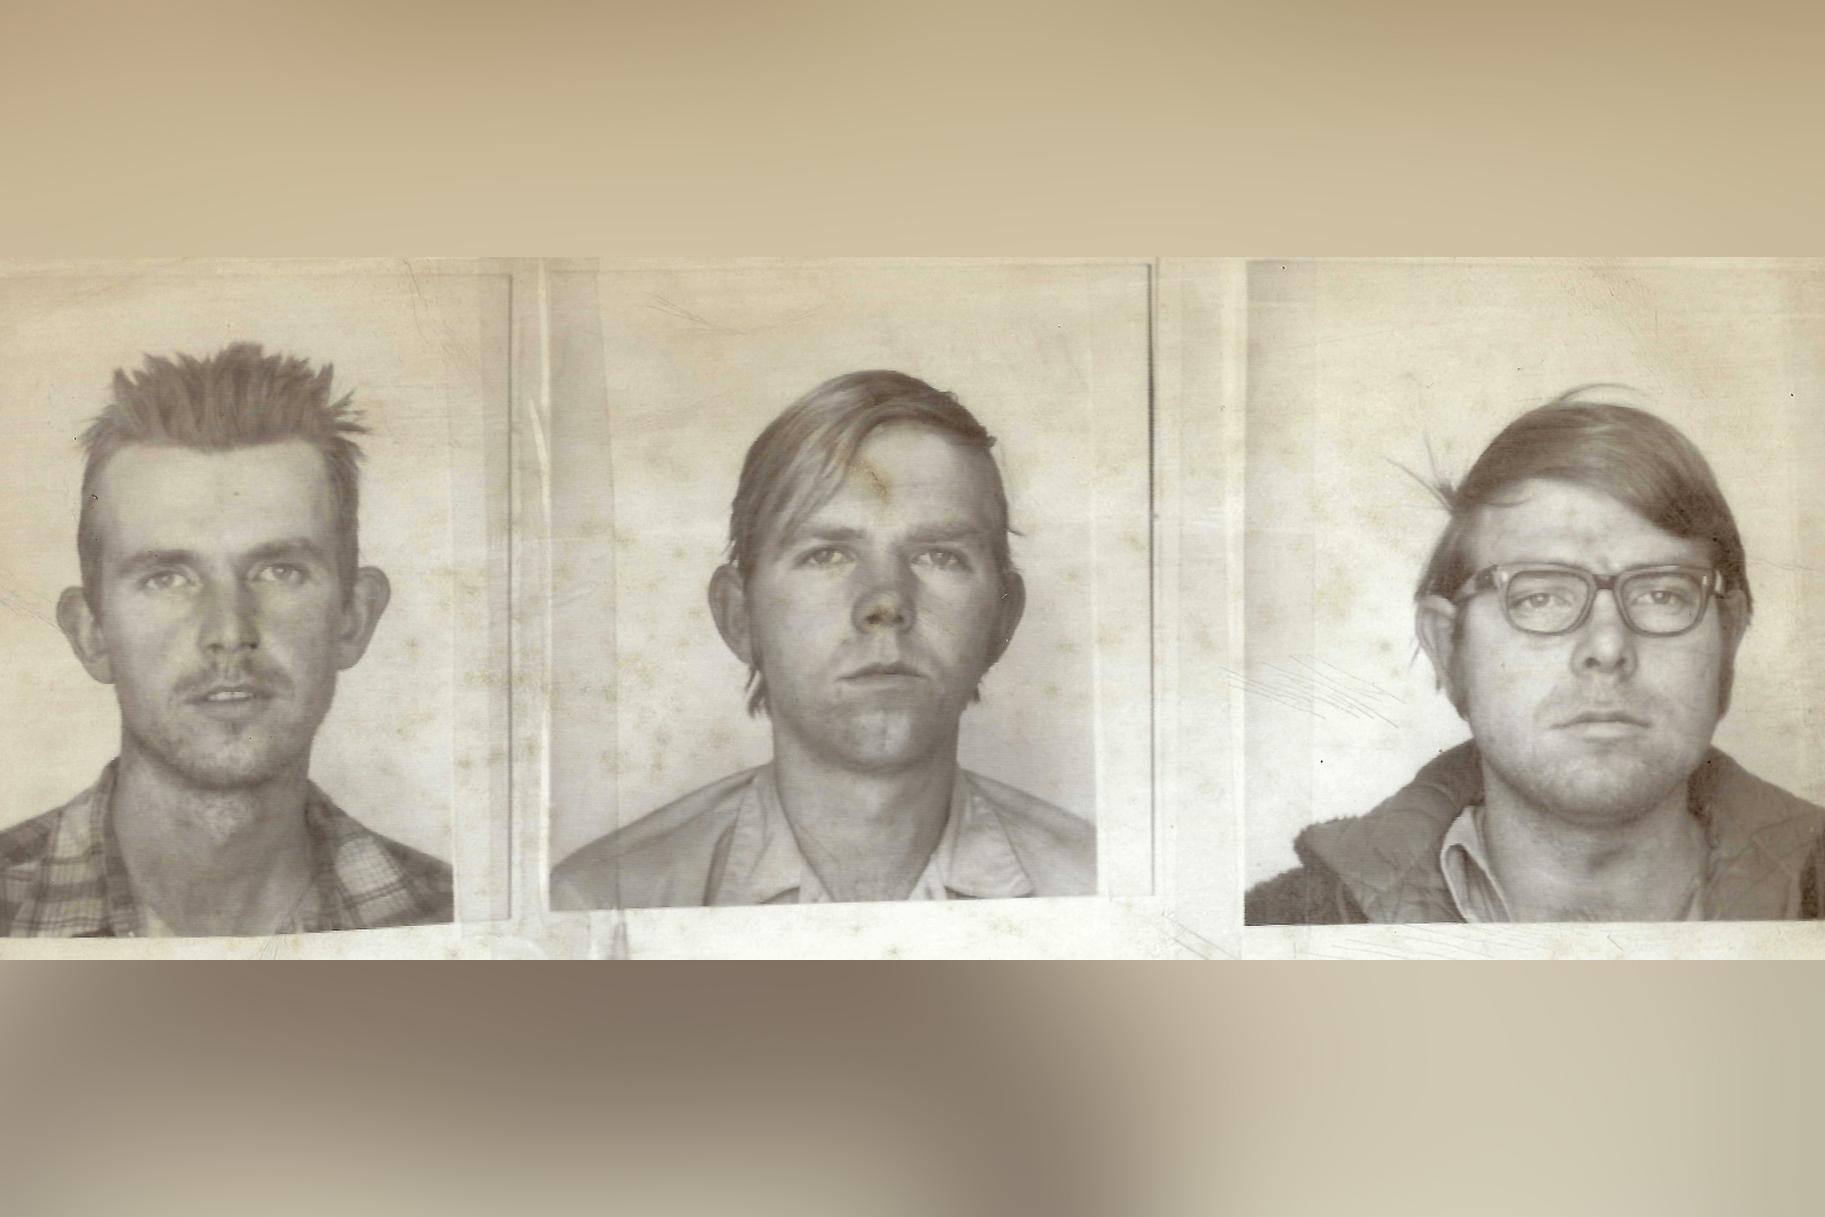 3 jahipüssidega relvastatud venda tapsid 4 Lõuna-Dakota teismelist massimõrvas mõistatades